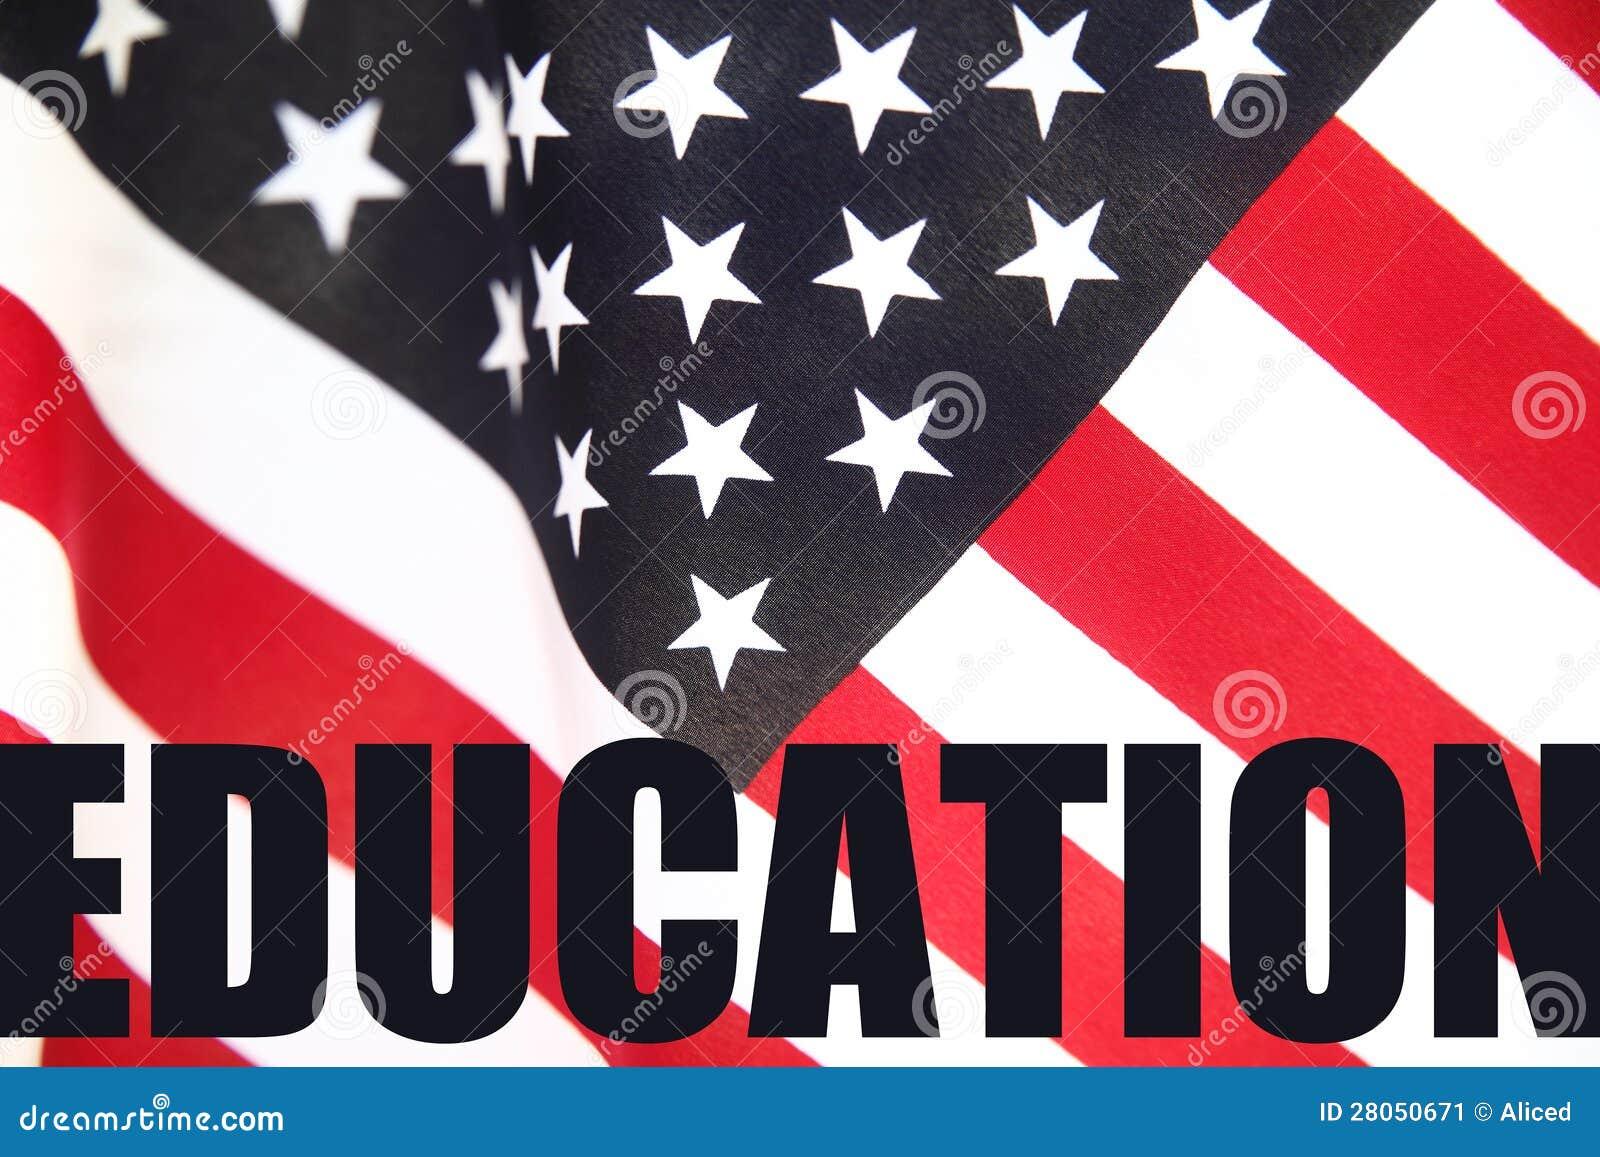 私改进于孩子课表常识面的储蓄请求是有多高